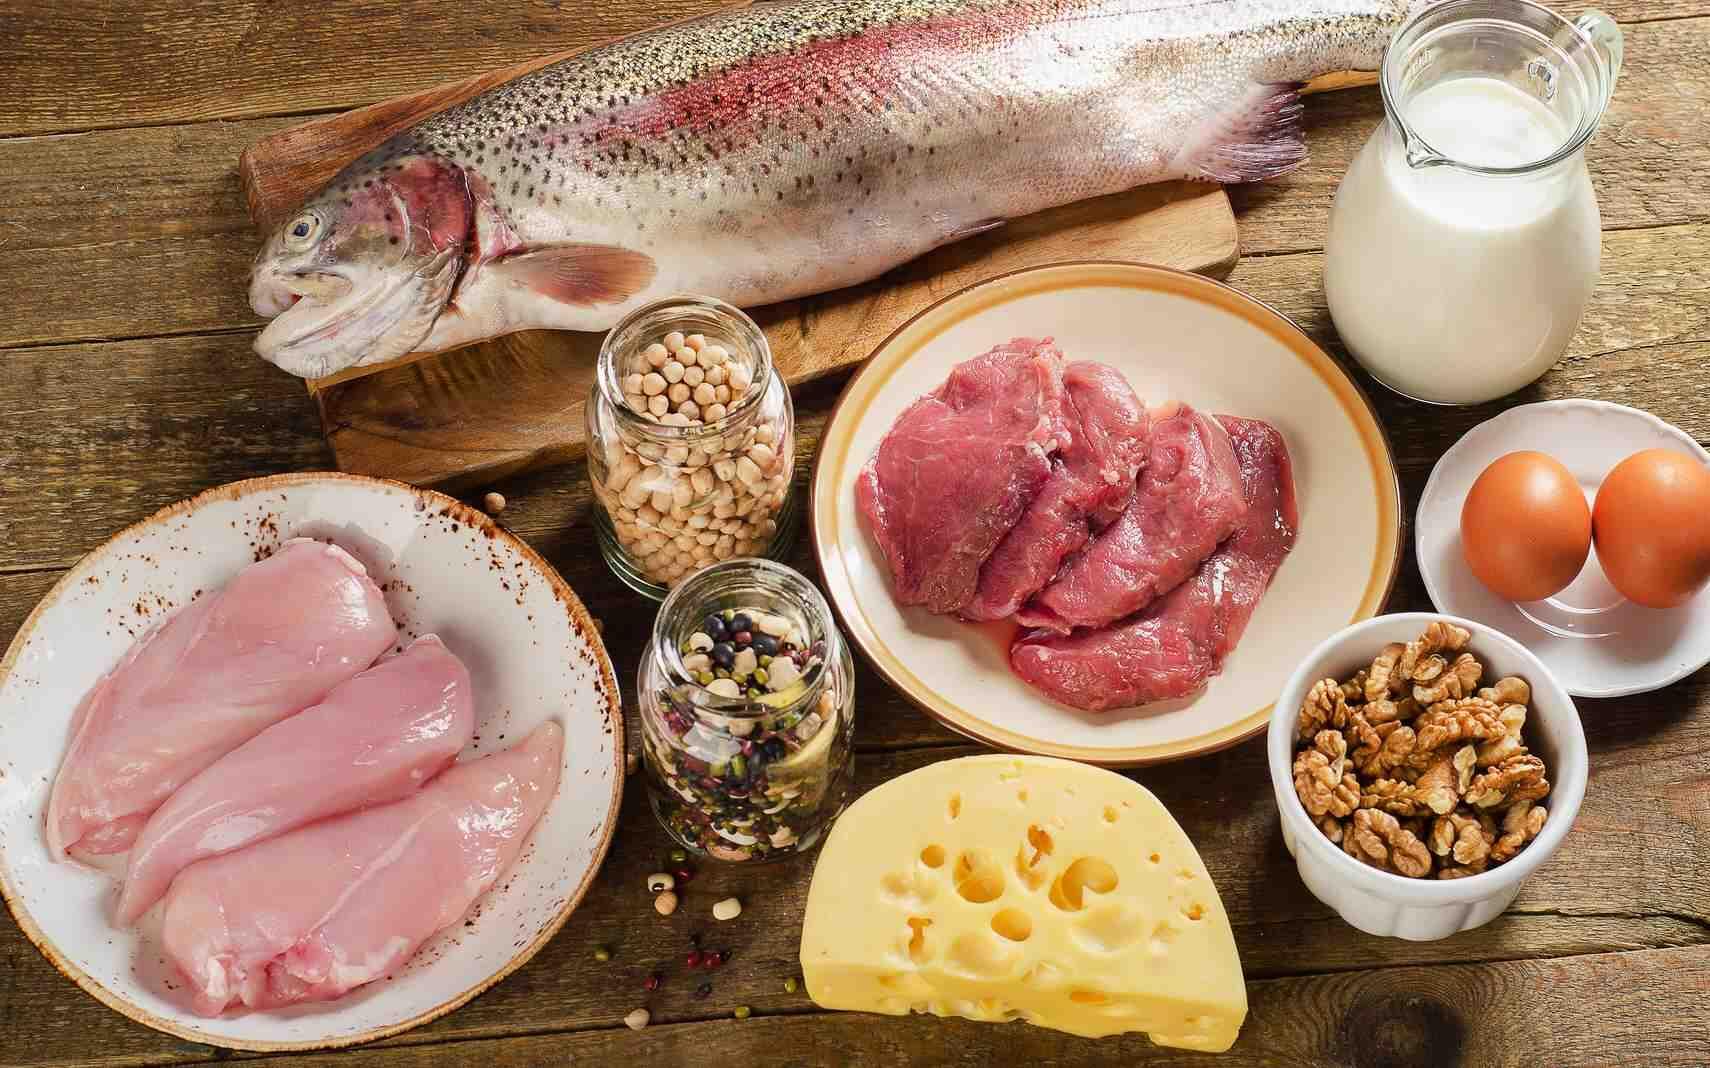 Quel est le meilleur aliment pour votre santé ?